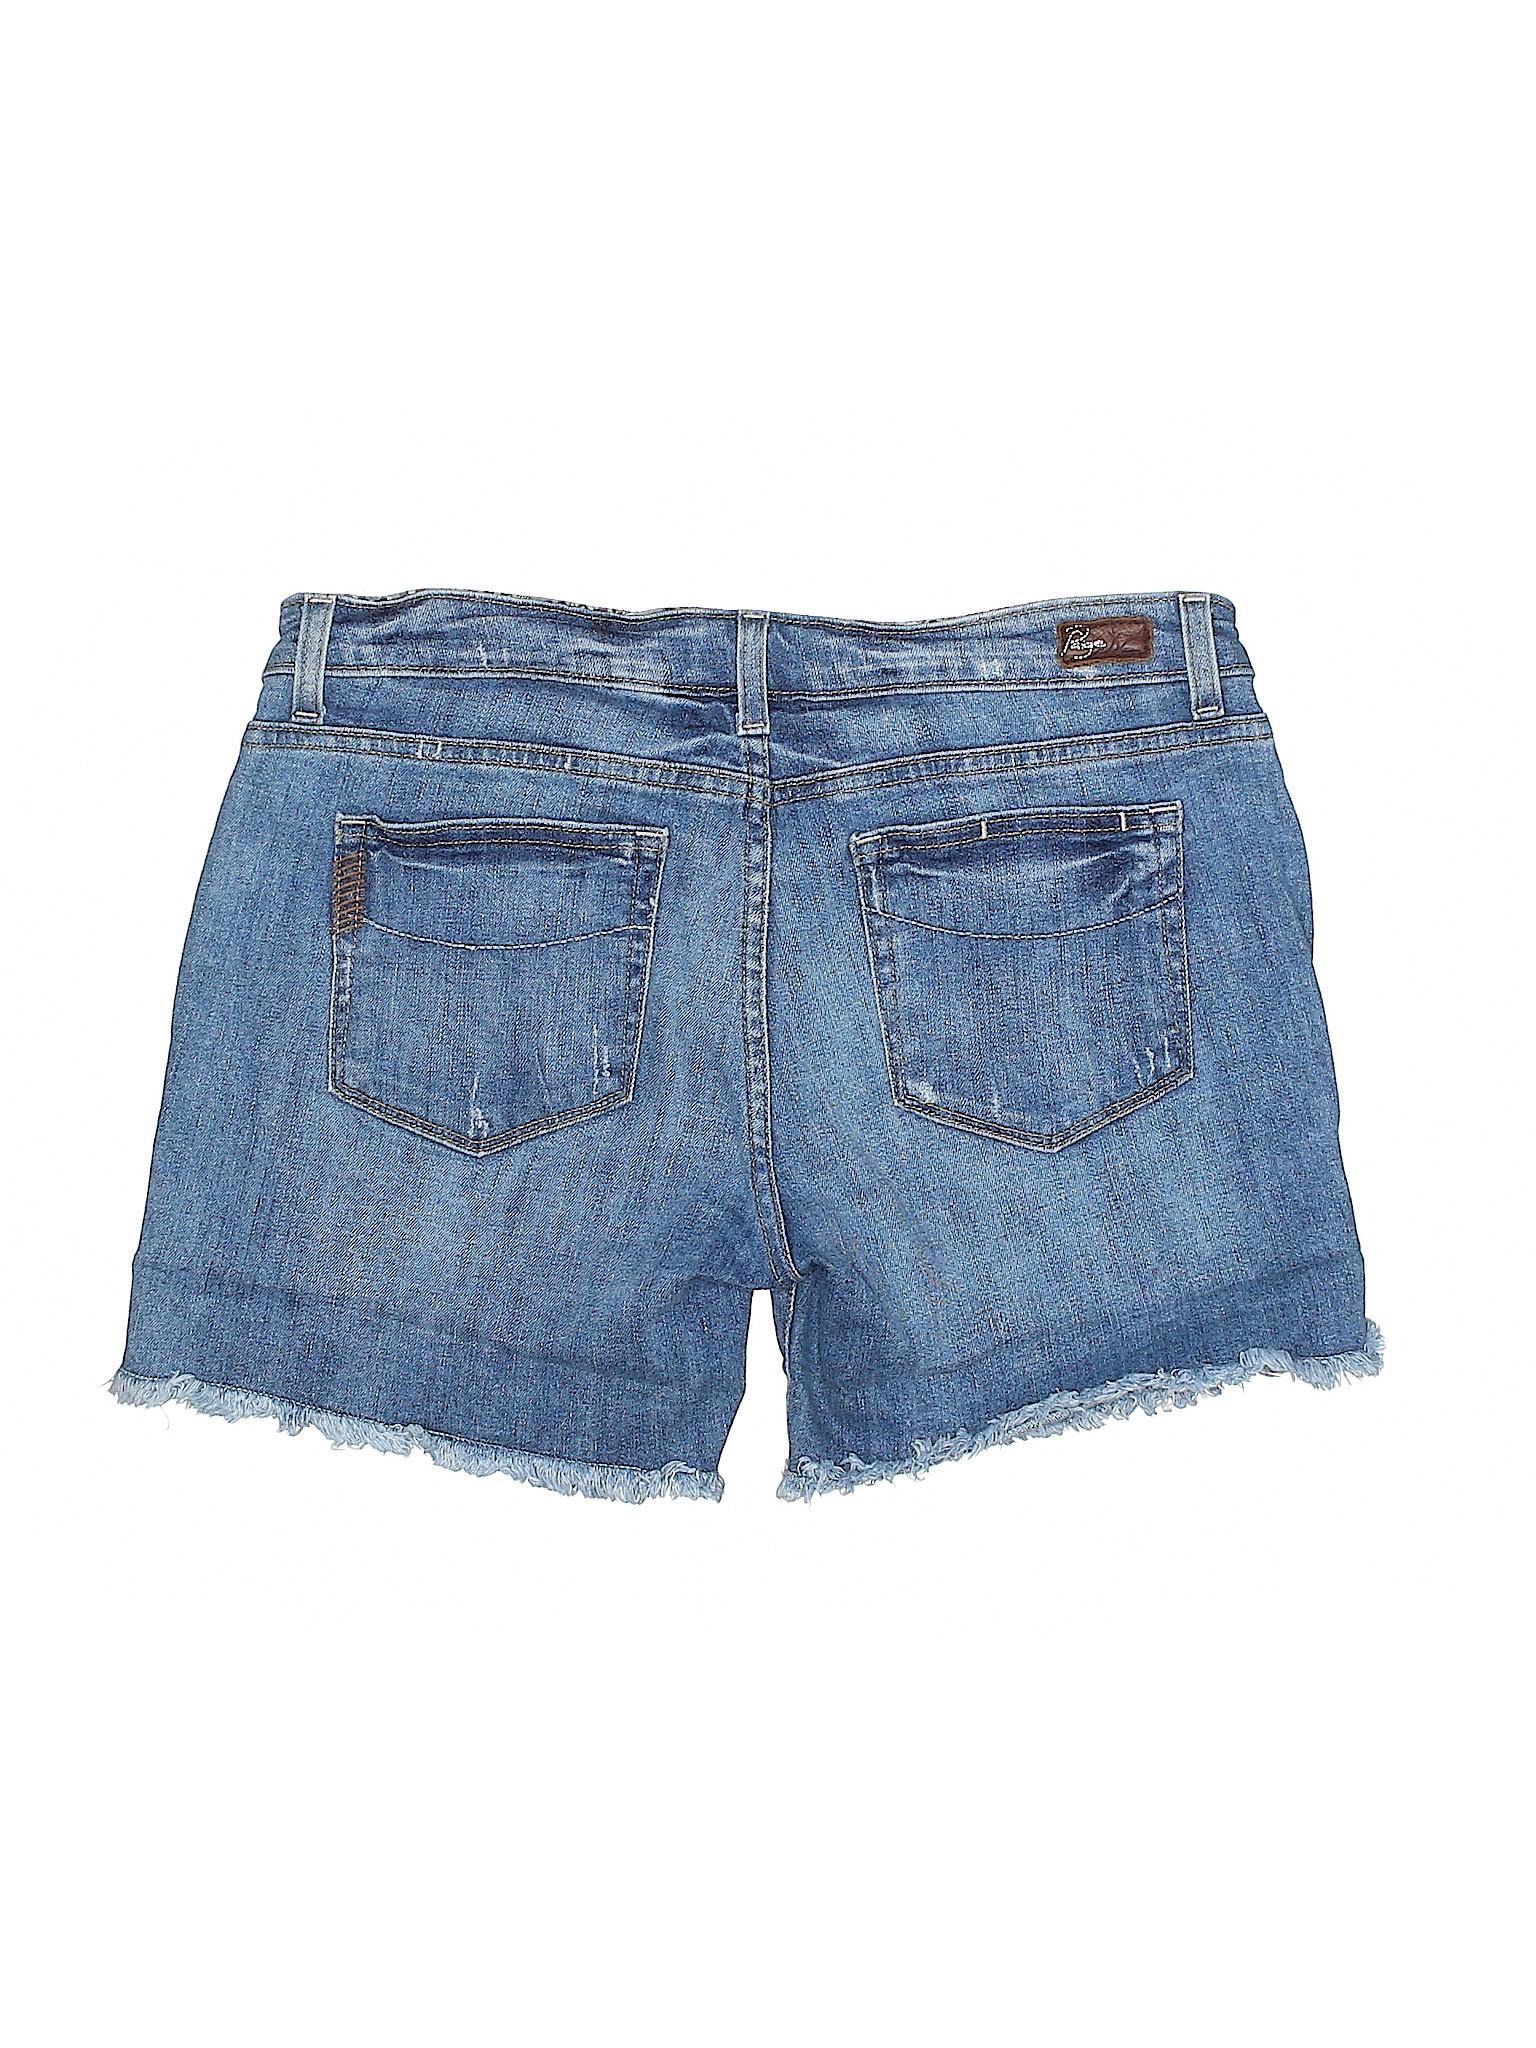 Paige Boutique Shorts leisure Boutique Paige Denim Denim leisure Shorts w6HnWqqZ